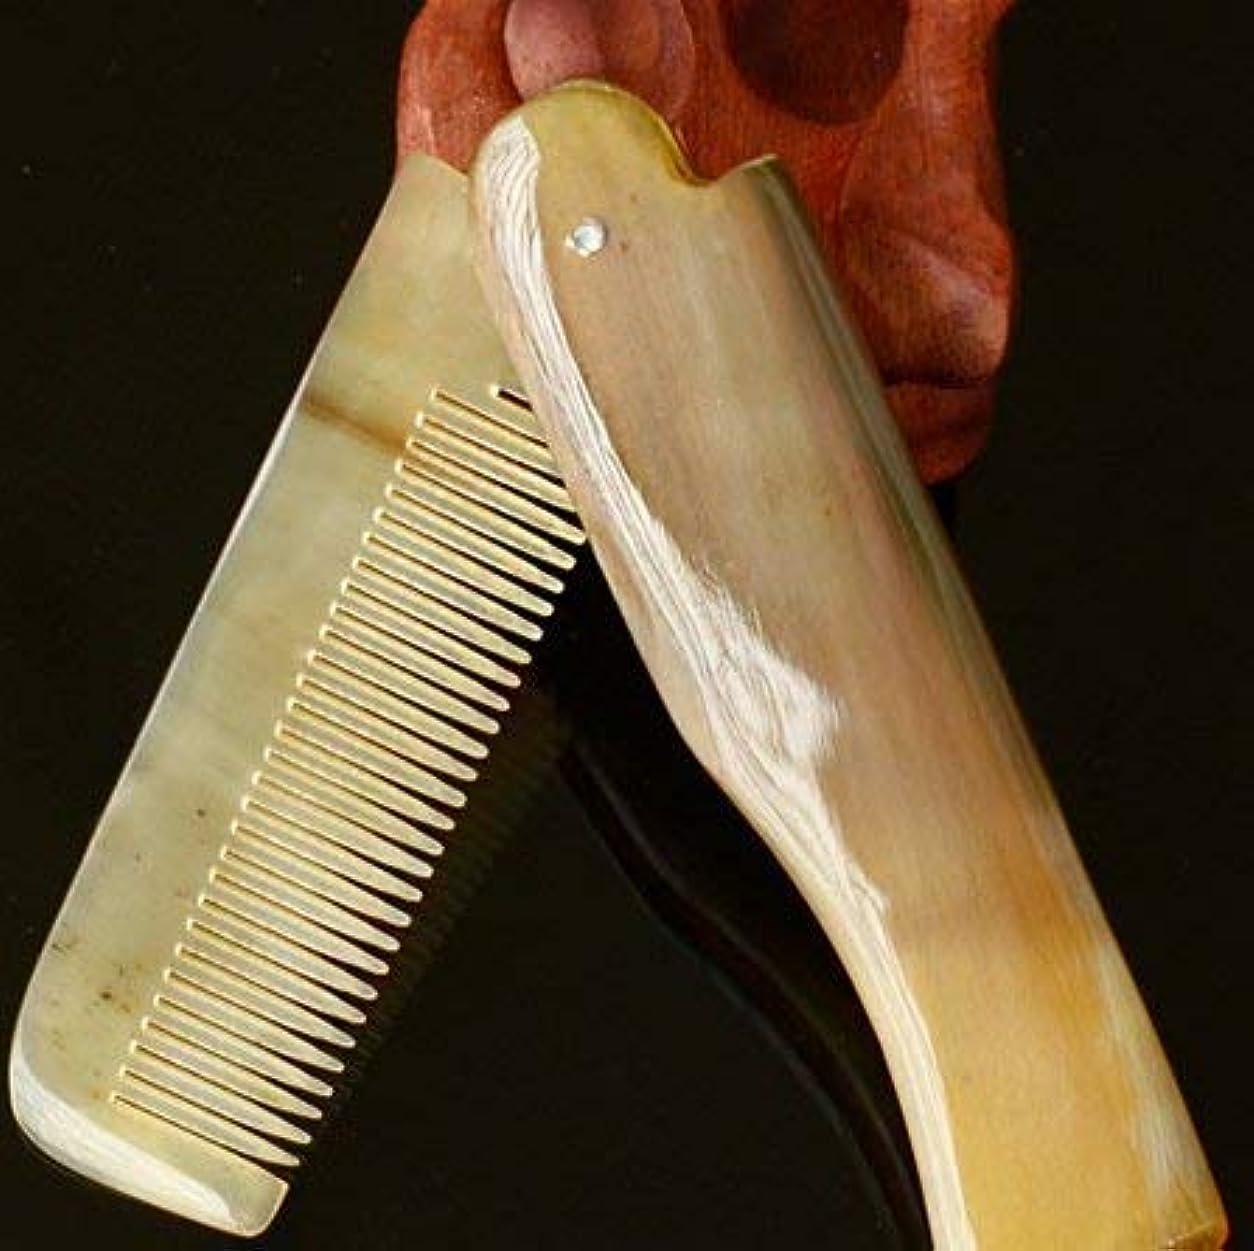 ベンチャーストレージ開示する100% natural foldable hair comb Horn Comb beard comb [並行輸入品]